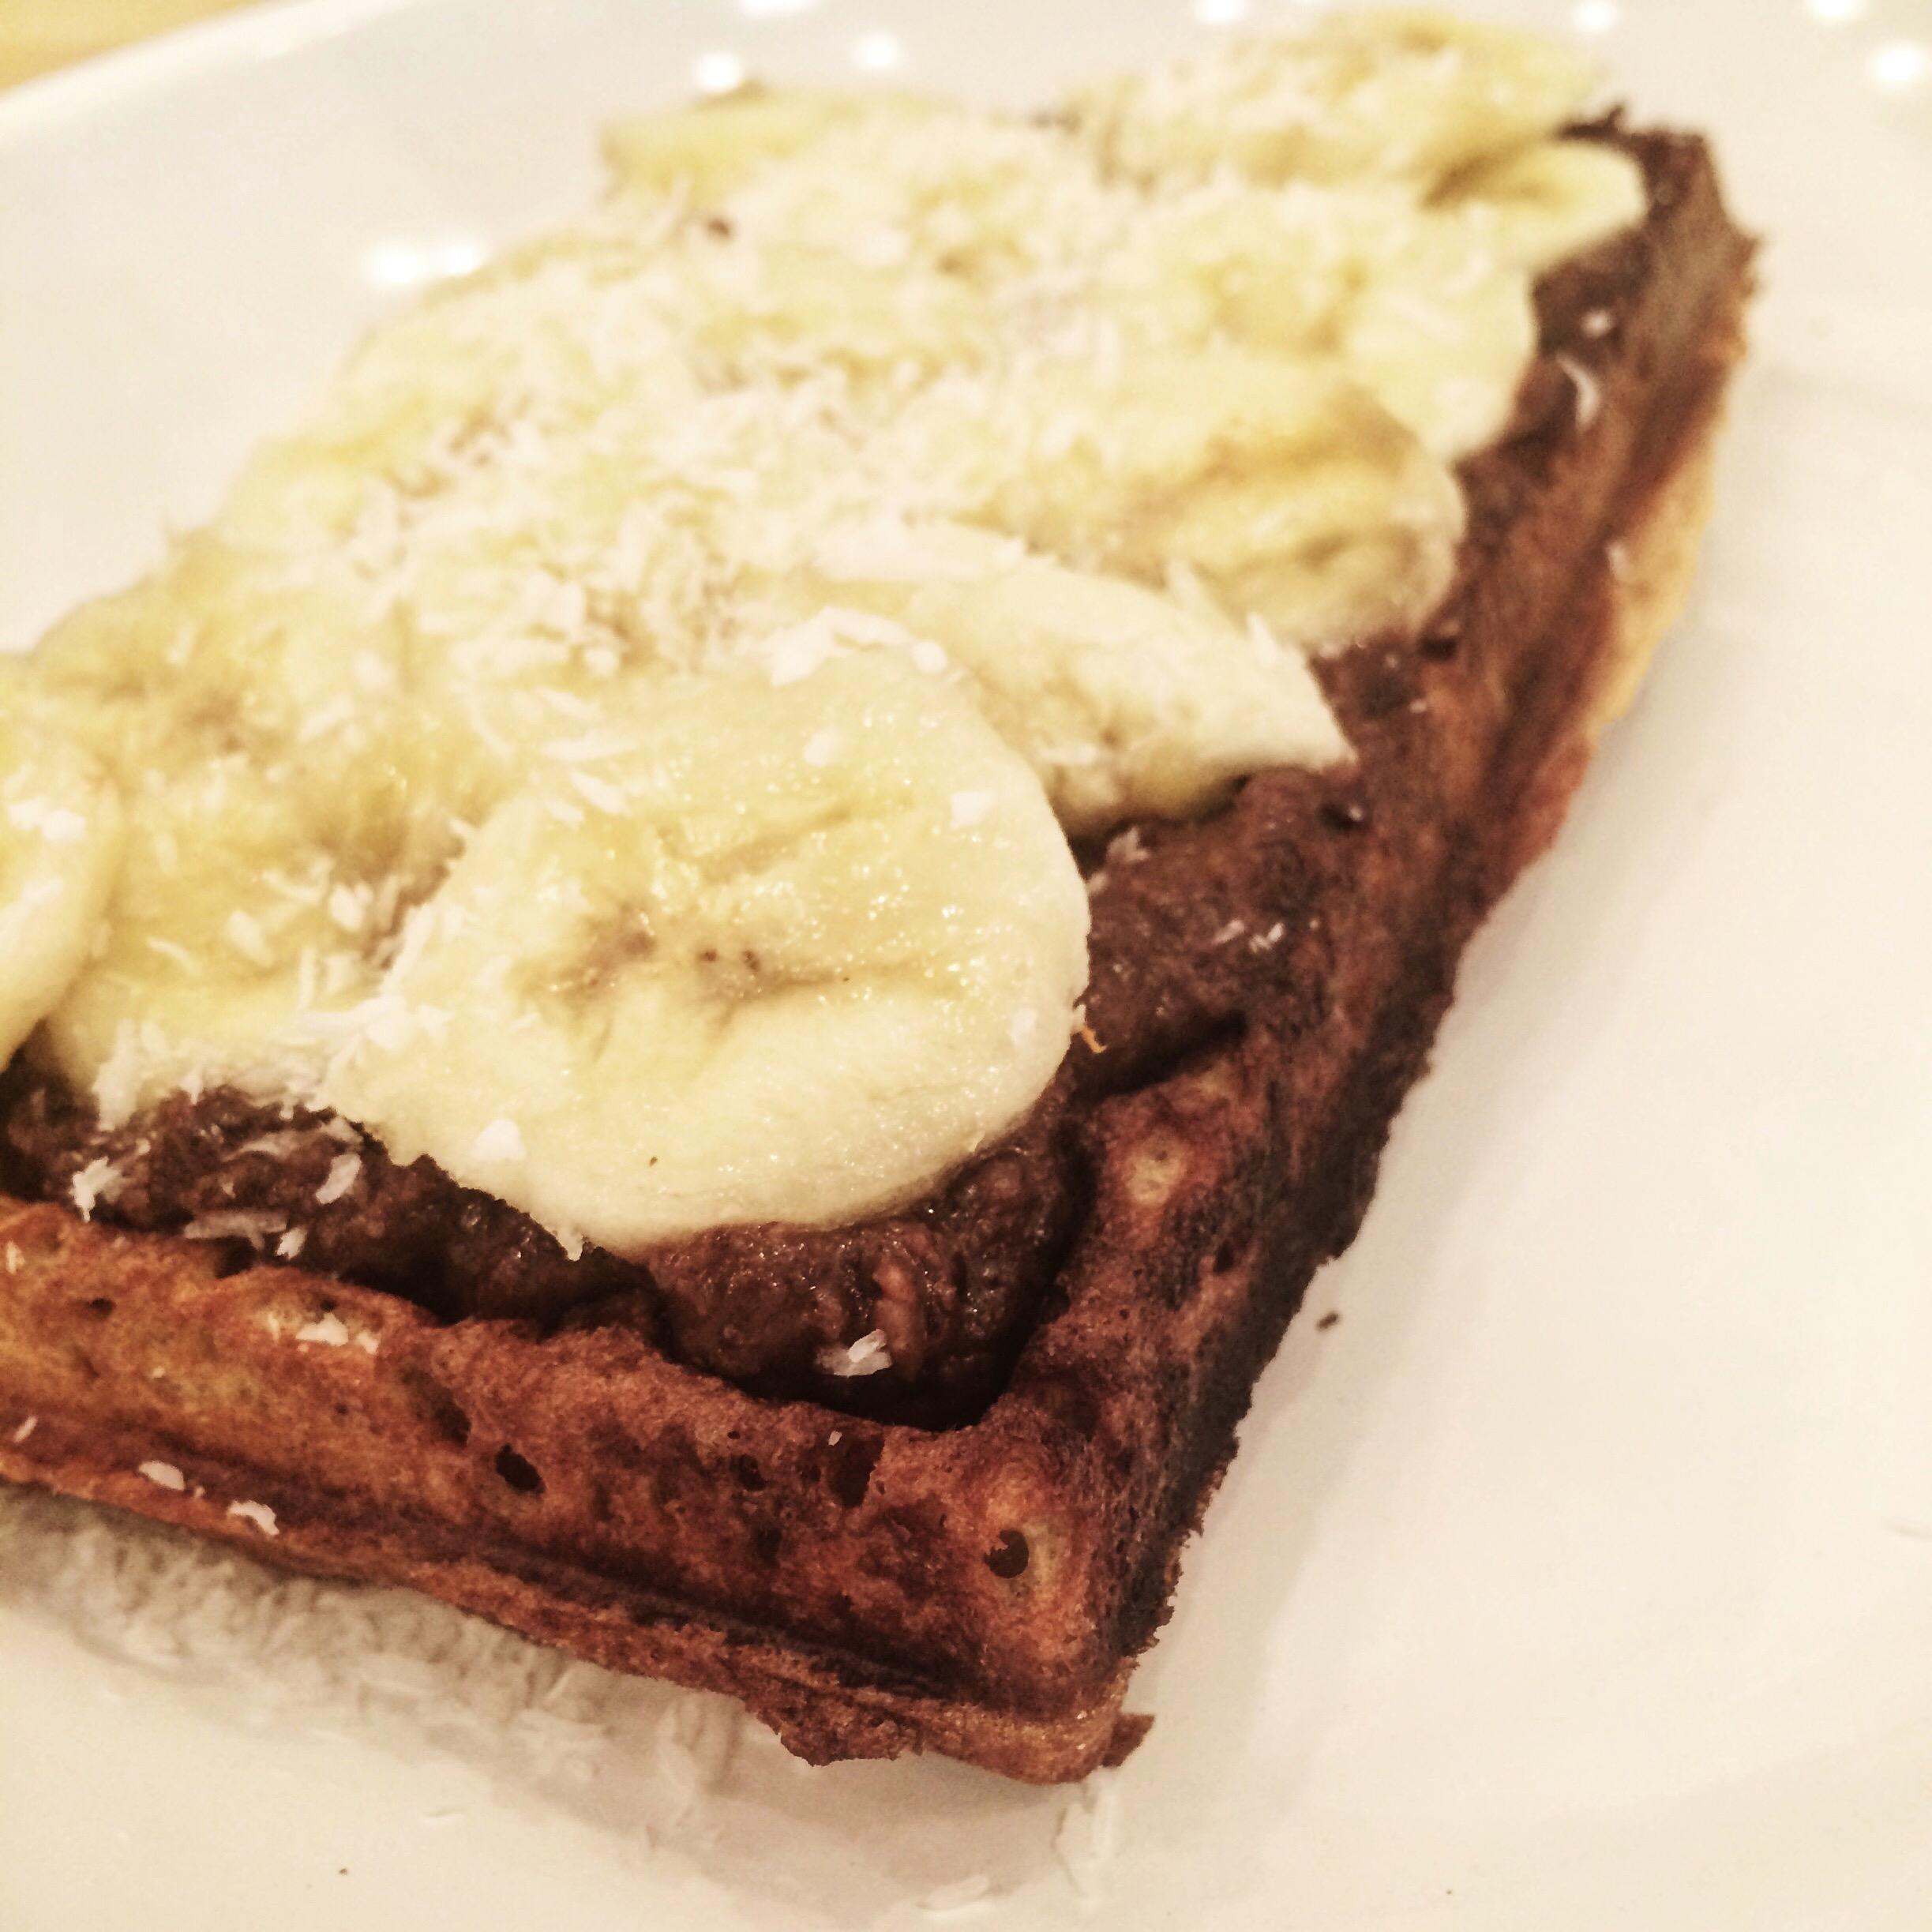 Gluten free, sugar free vegan waffle with rawtella, banana and coconut at Väcka.